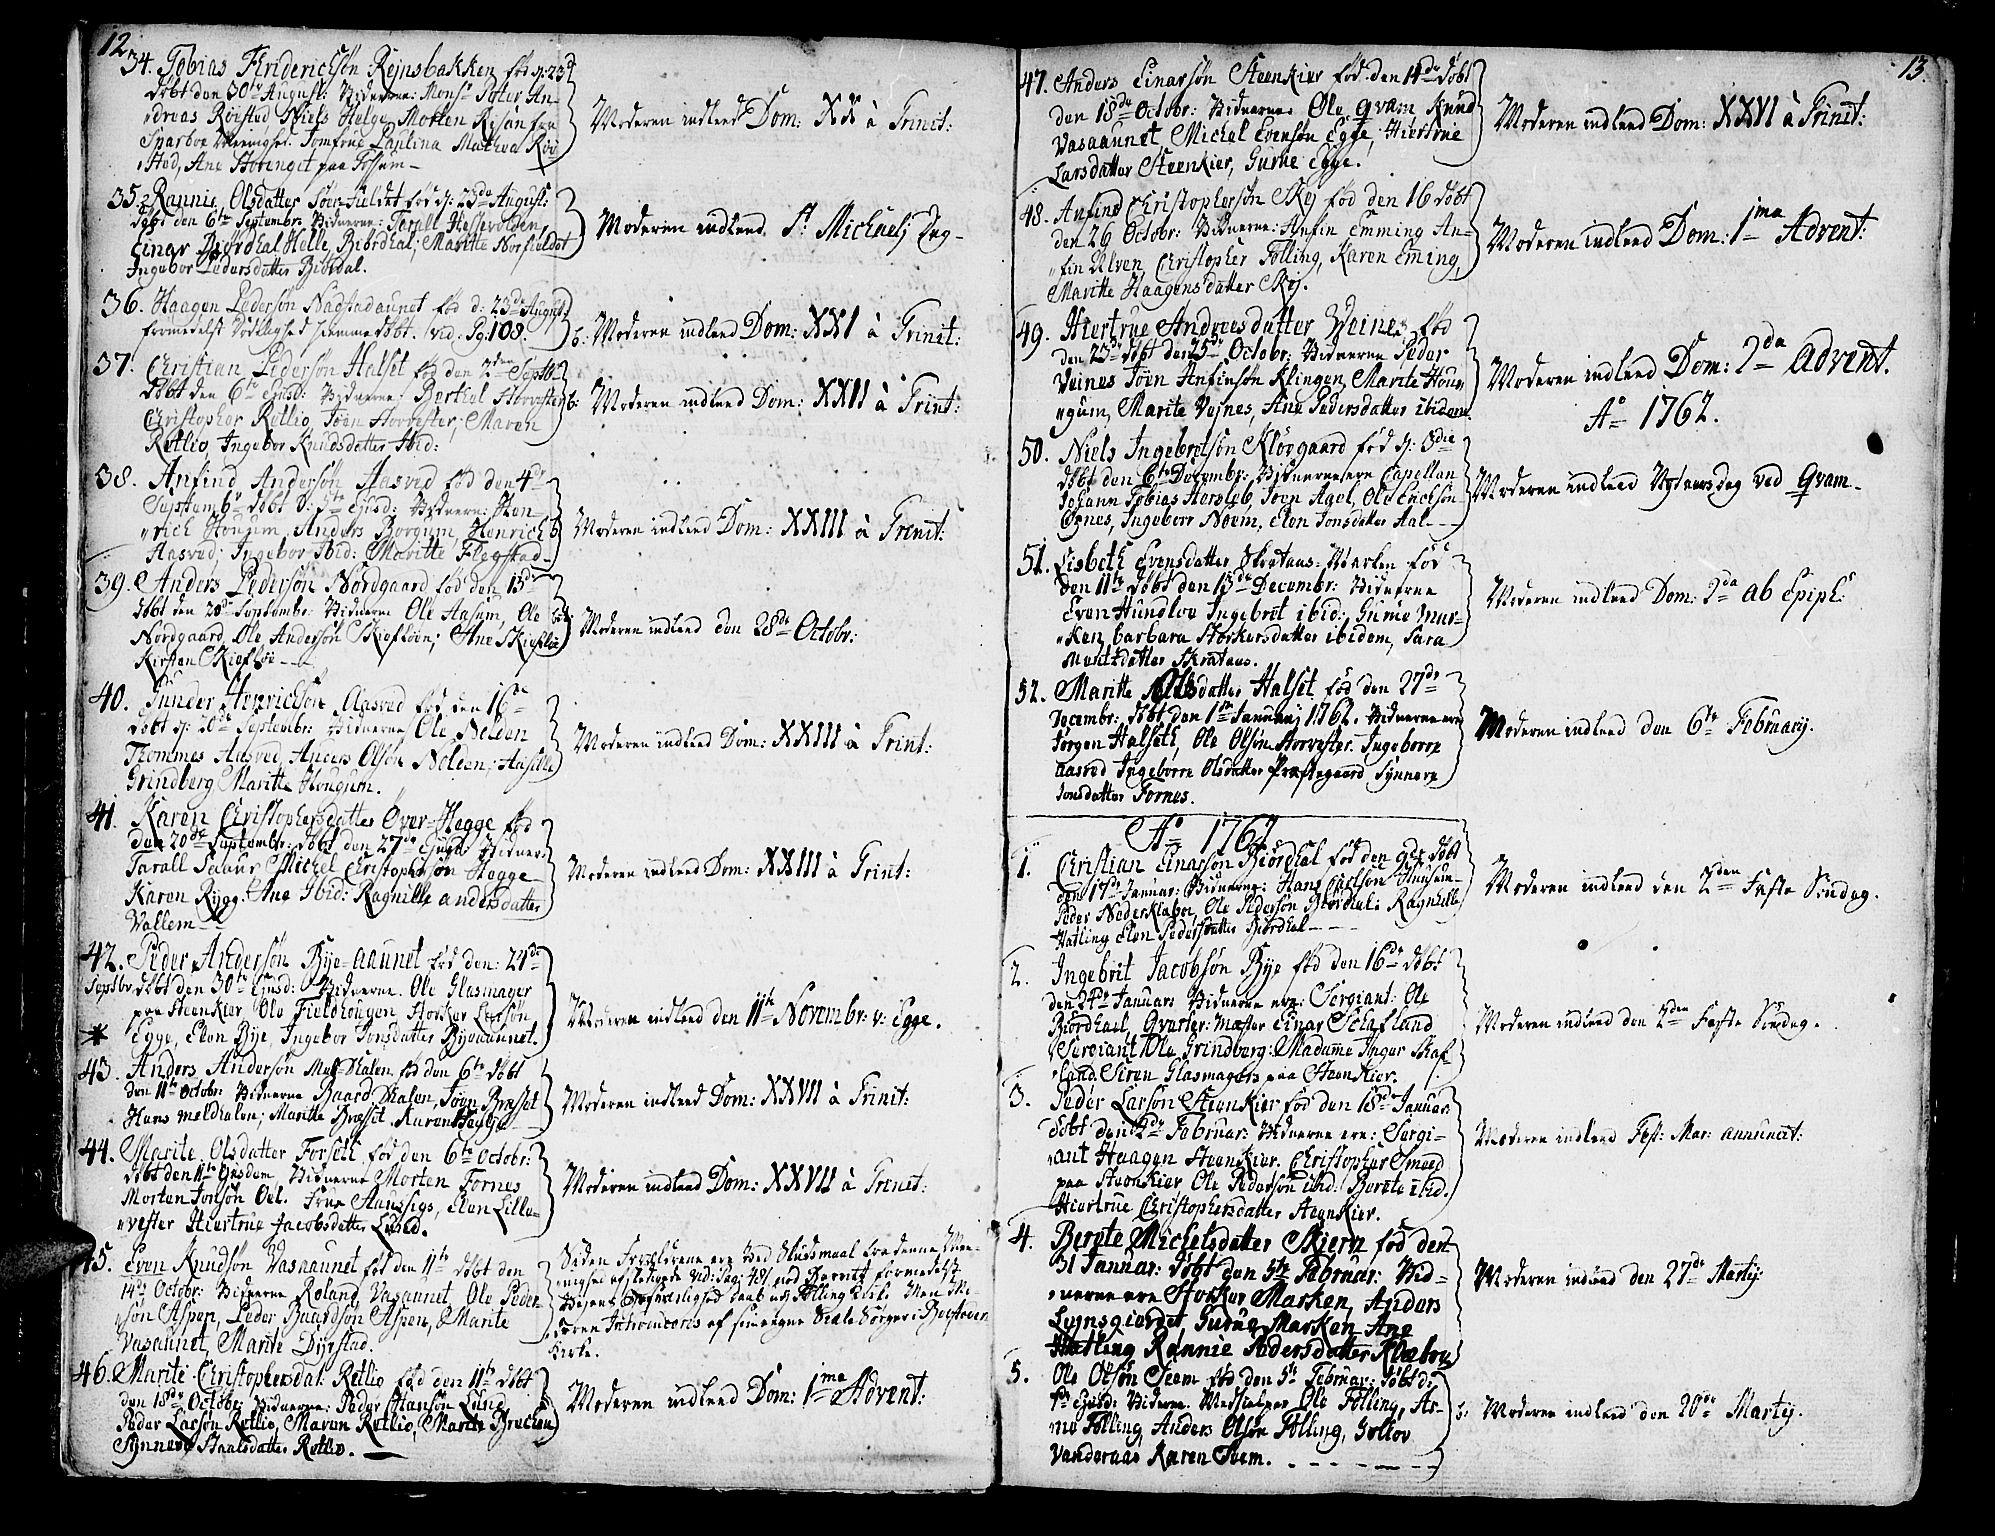 SAT, Ministerialprotokoller, klokkerbøker og fødselsregistre - Nord-Trøndelag, 746/L0440: Ministerialbok nr. 746A02, 1760-1815, s. 12-13